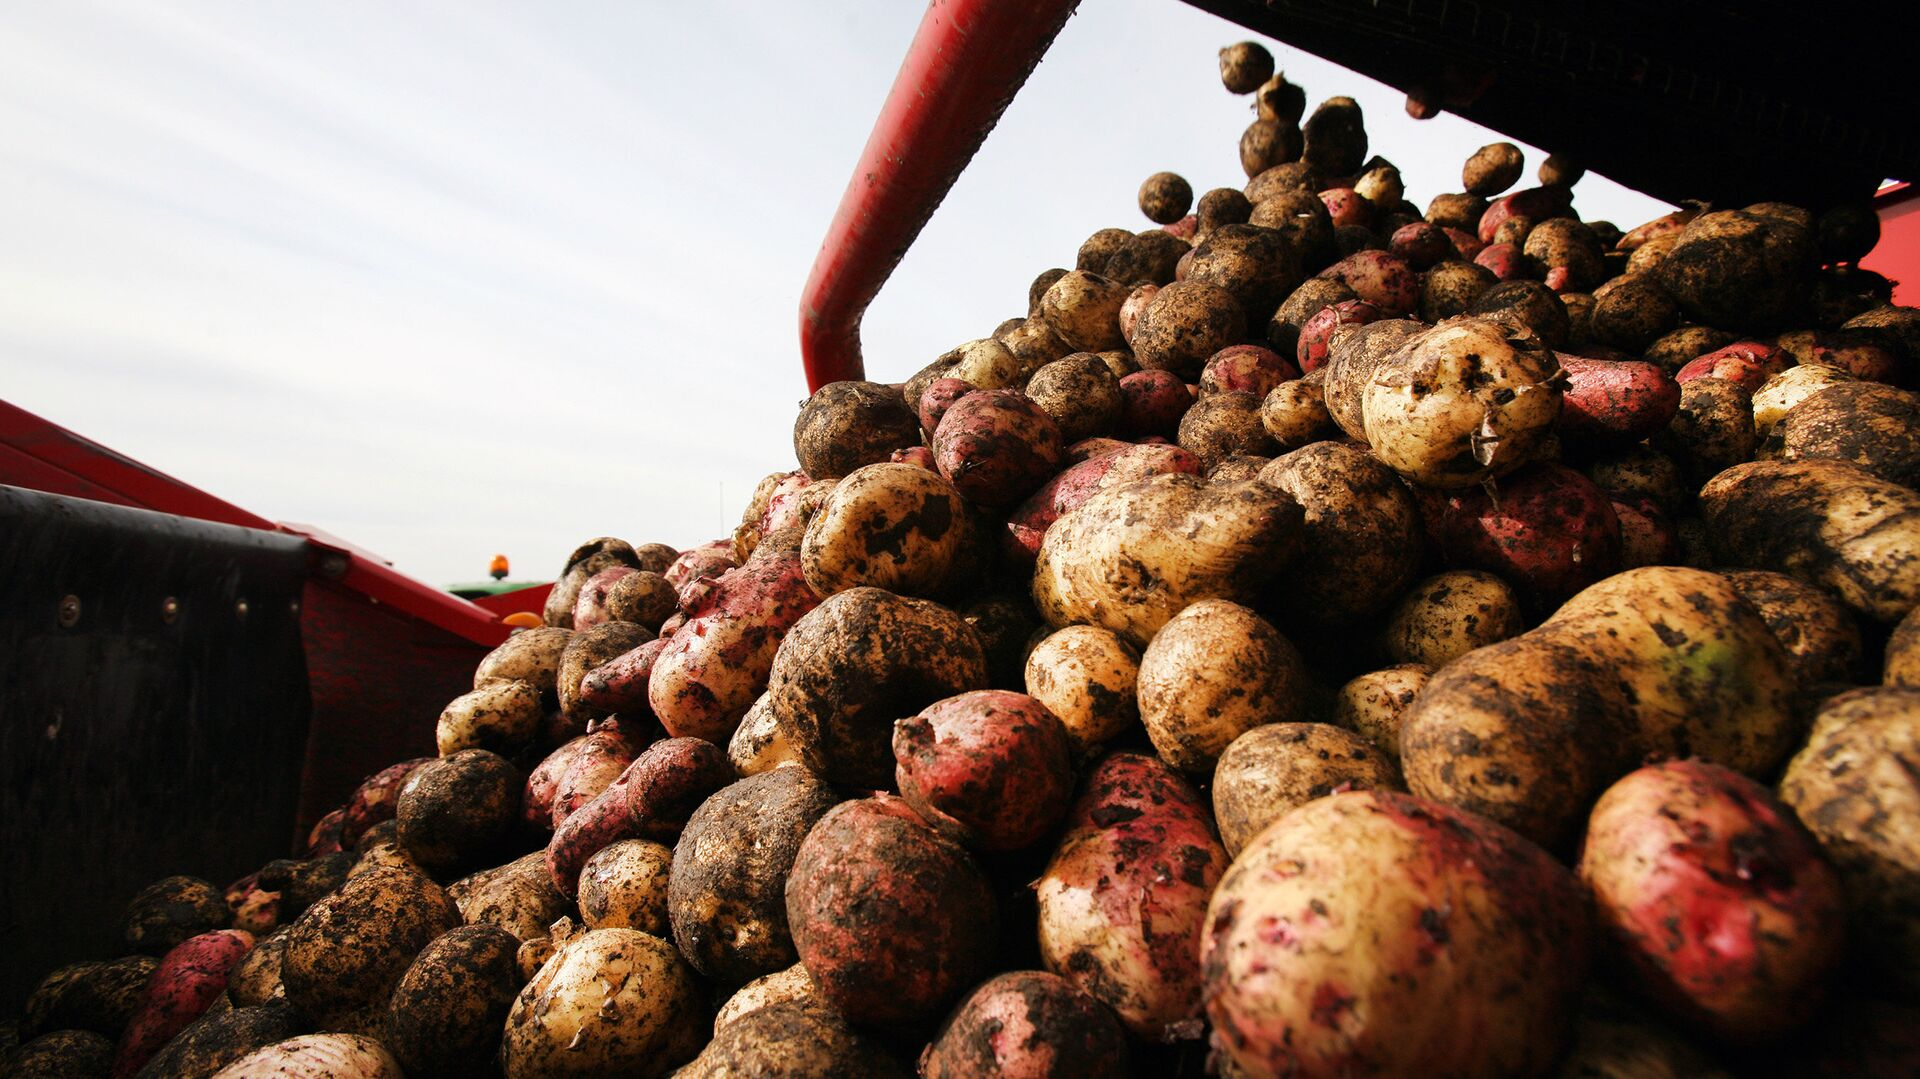 Уборка картофеля - РИА Новости, 1920, 22.01.2021